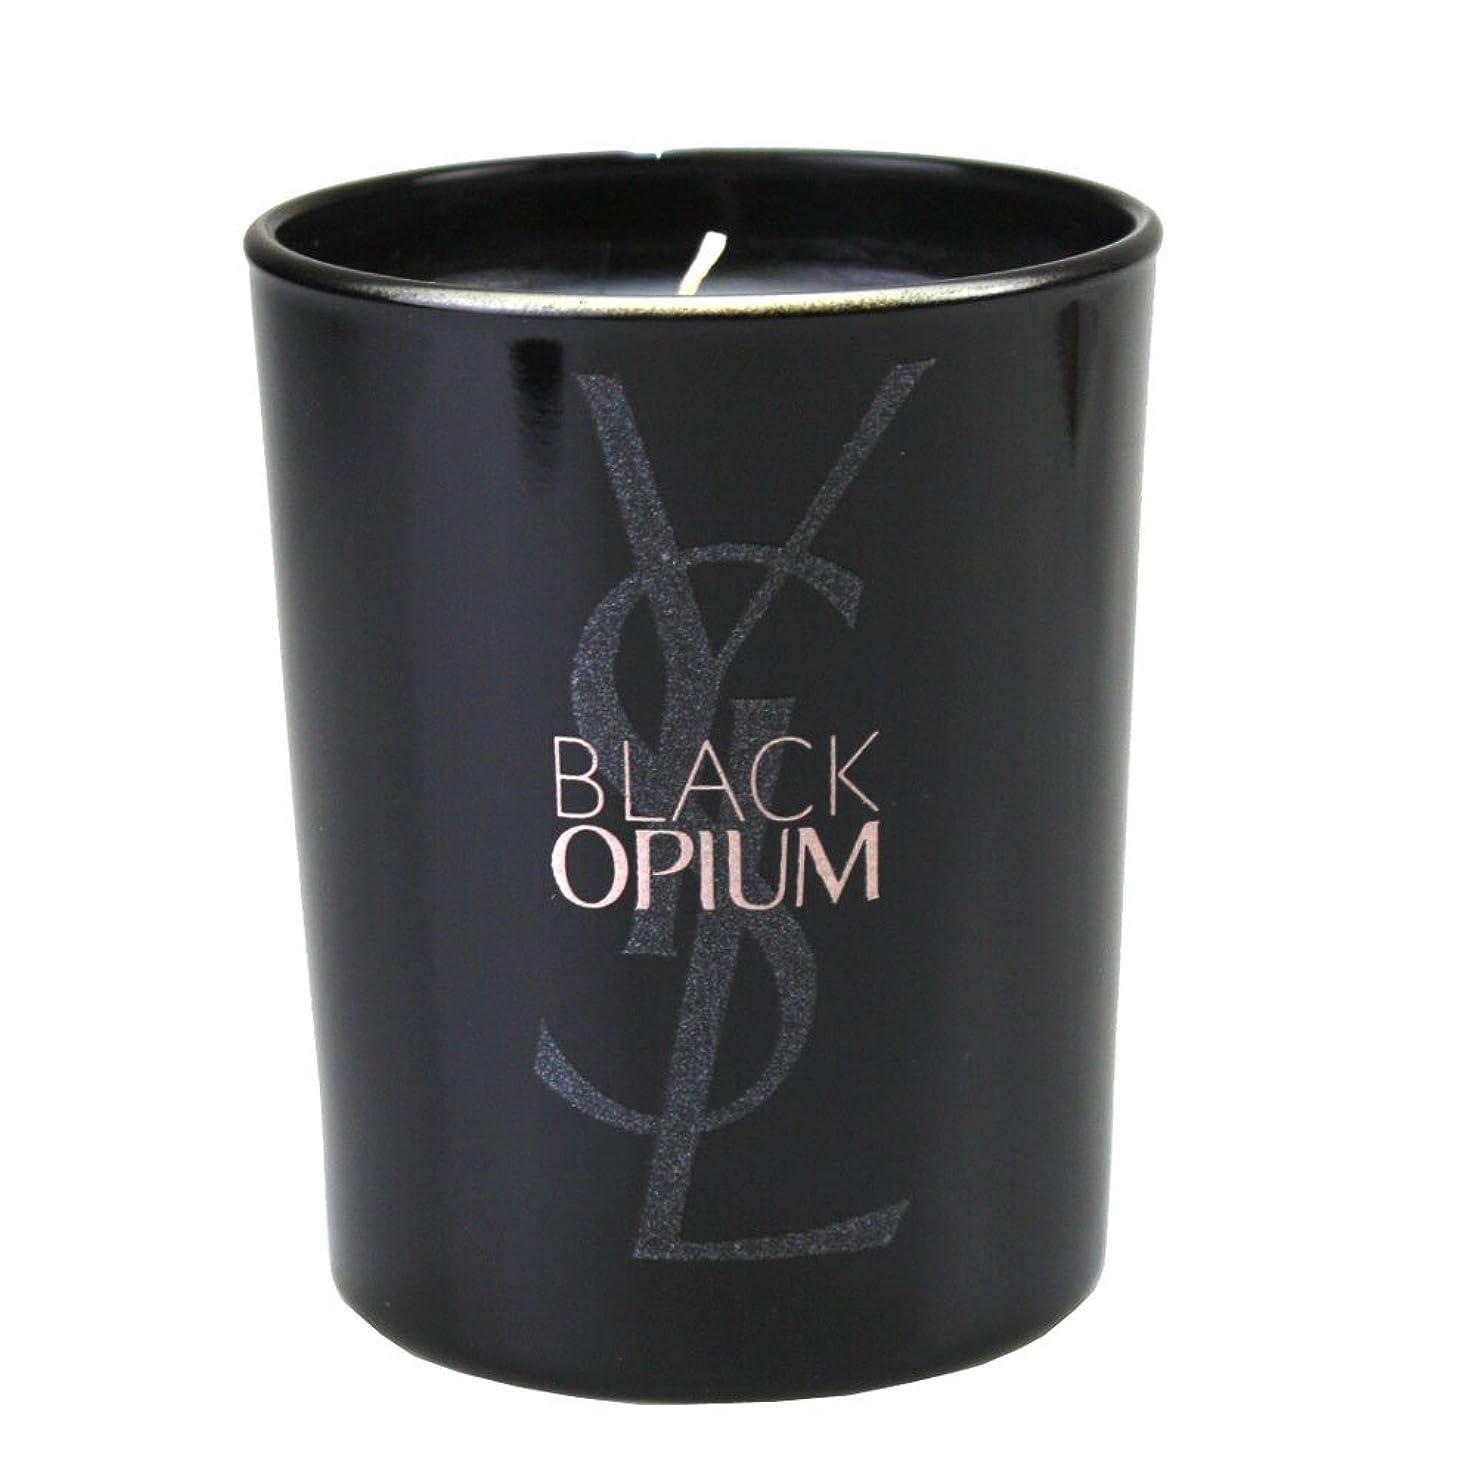 暴行迷彩引き渡す(イヴ サンローラン) Yves saint Laurent アロマキャンドル パリジェンヌ BLACK OPIUM 化粧 メイク コスメ ロゴ 黒 ブラック フルーティー フローラル コーヒー ジャスミンティーペタル